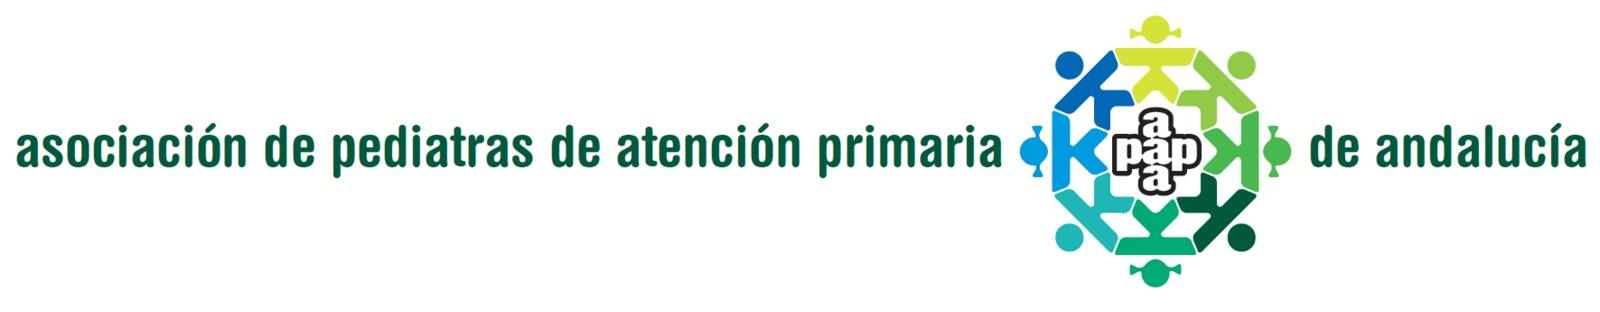 20 Jornadas de Pediatras de Atención Primaría de Andalucía 2016